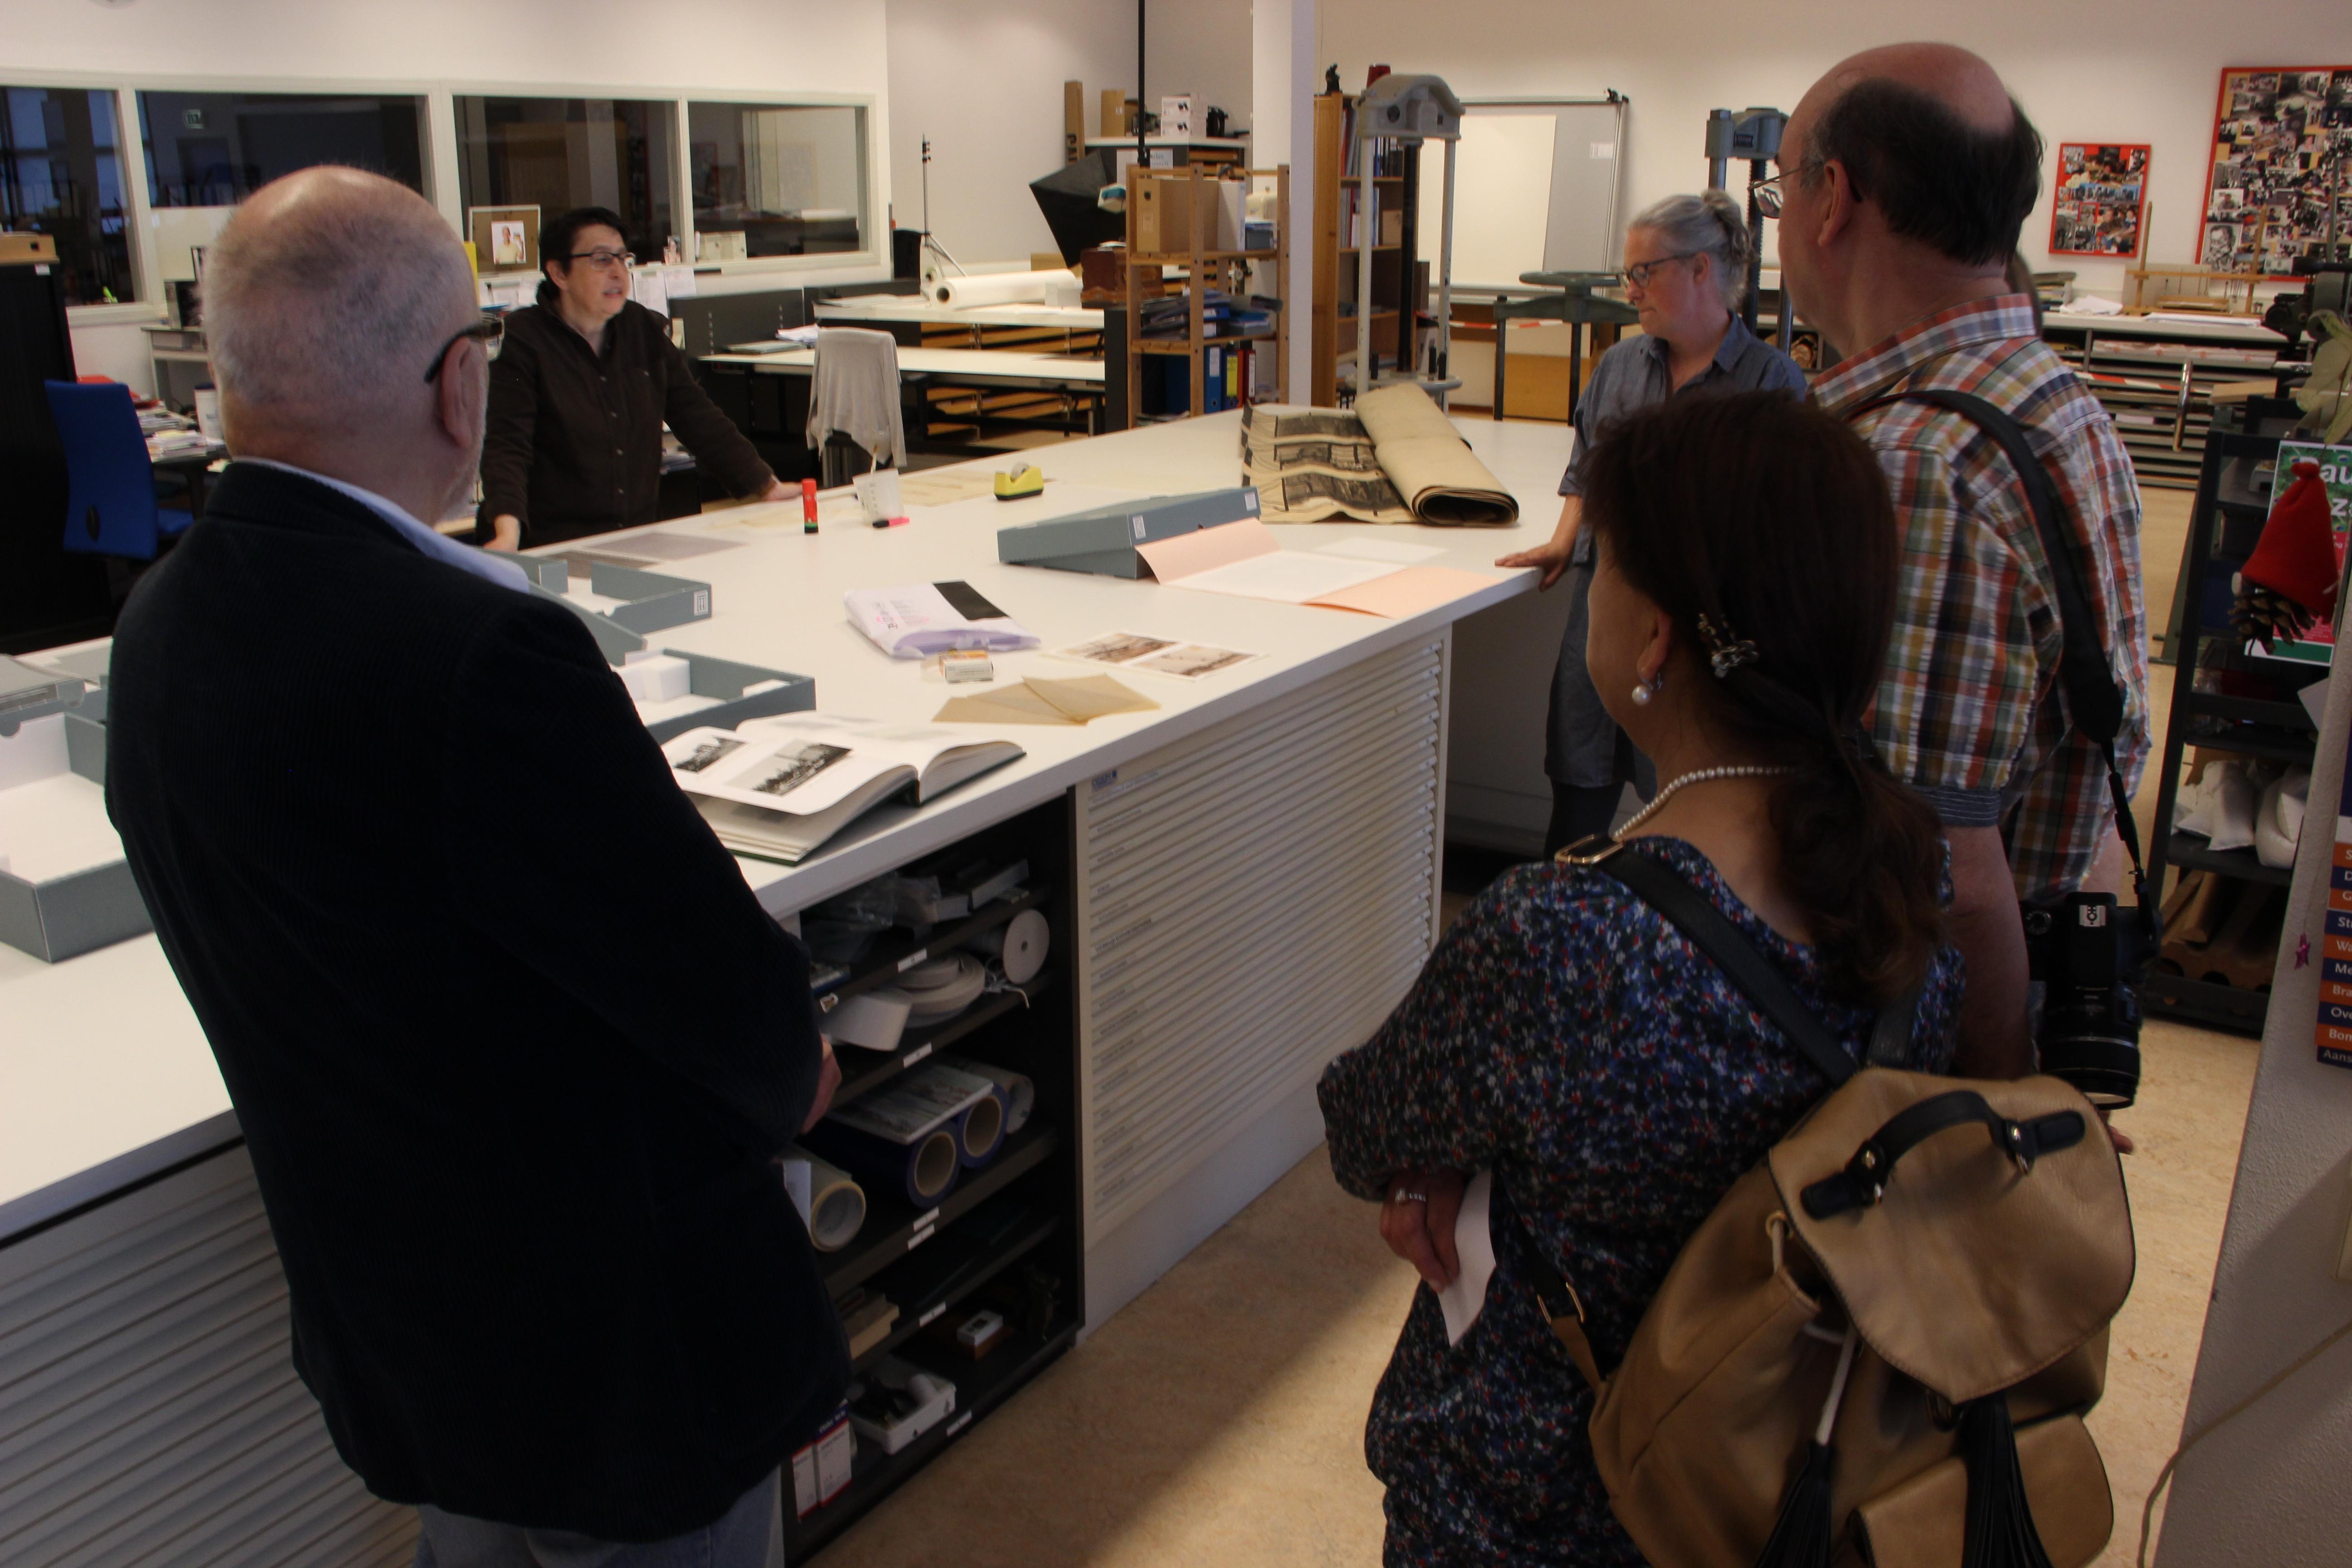 Rondleiding door restauratie atelier van Stadsarchief Rotterdam n.a.v. overdracht interviews Ongekend Bijzonder